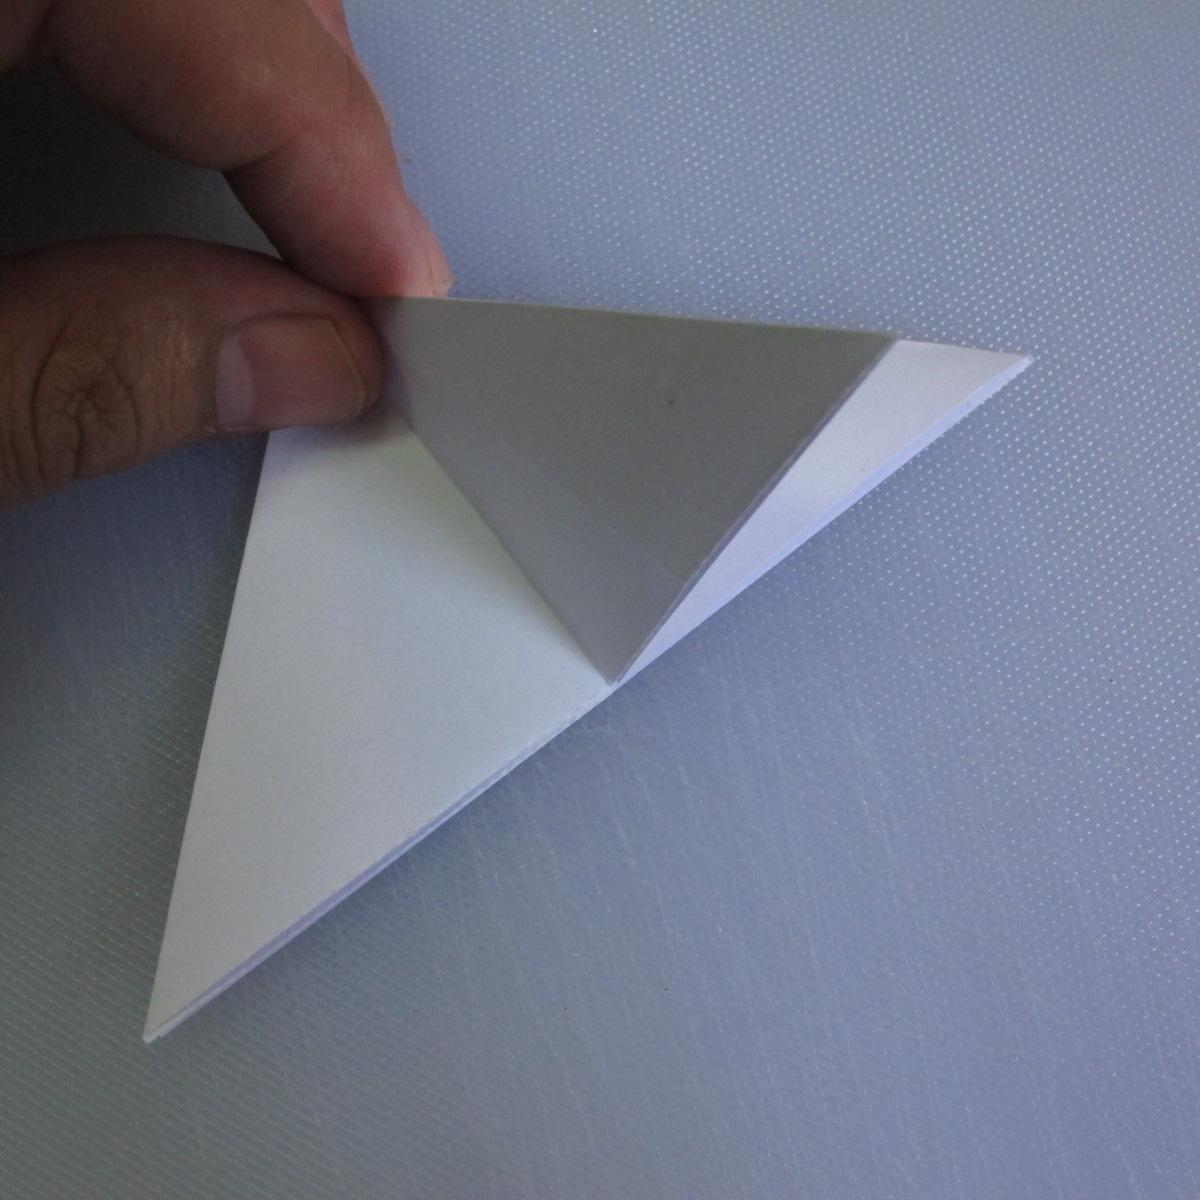 วิธีพับกระดาษเป็นรูปดอกลิลลี่ 004